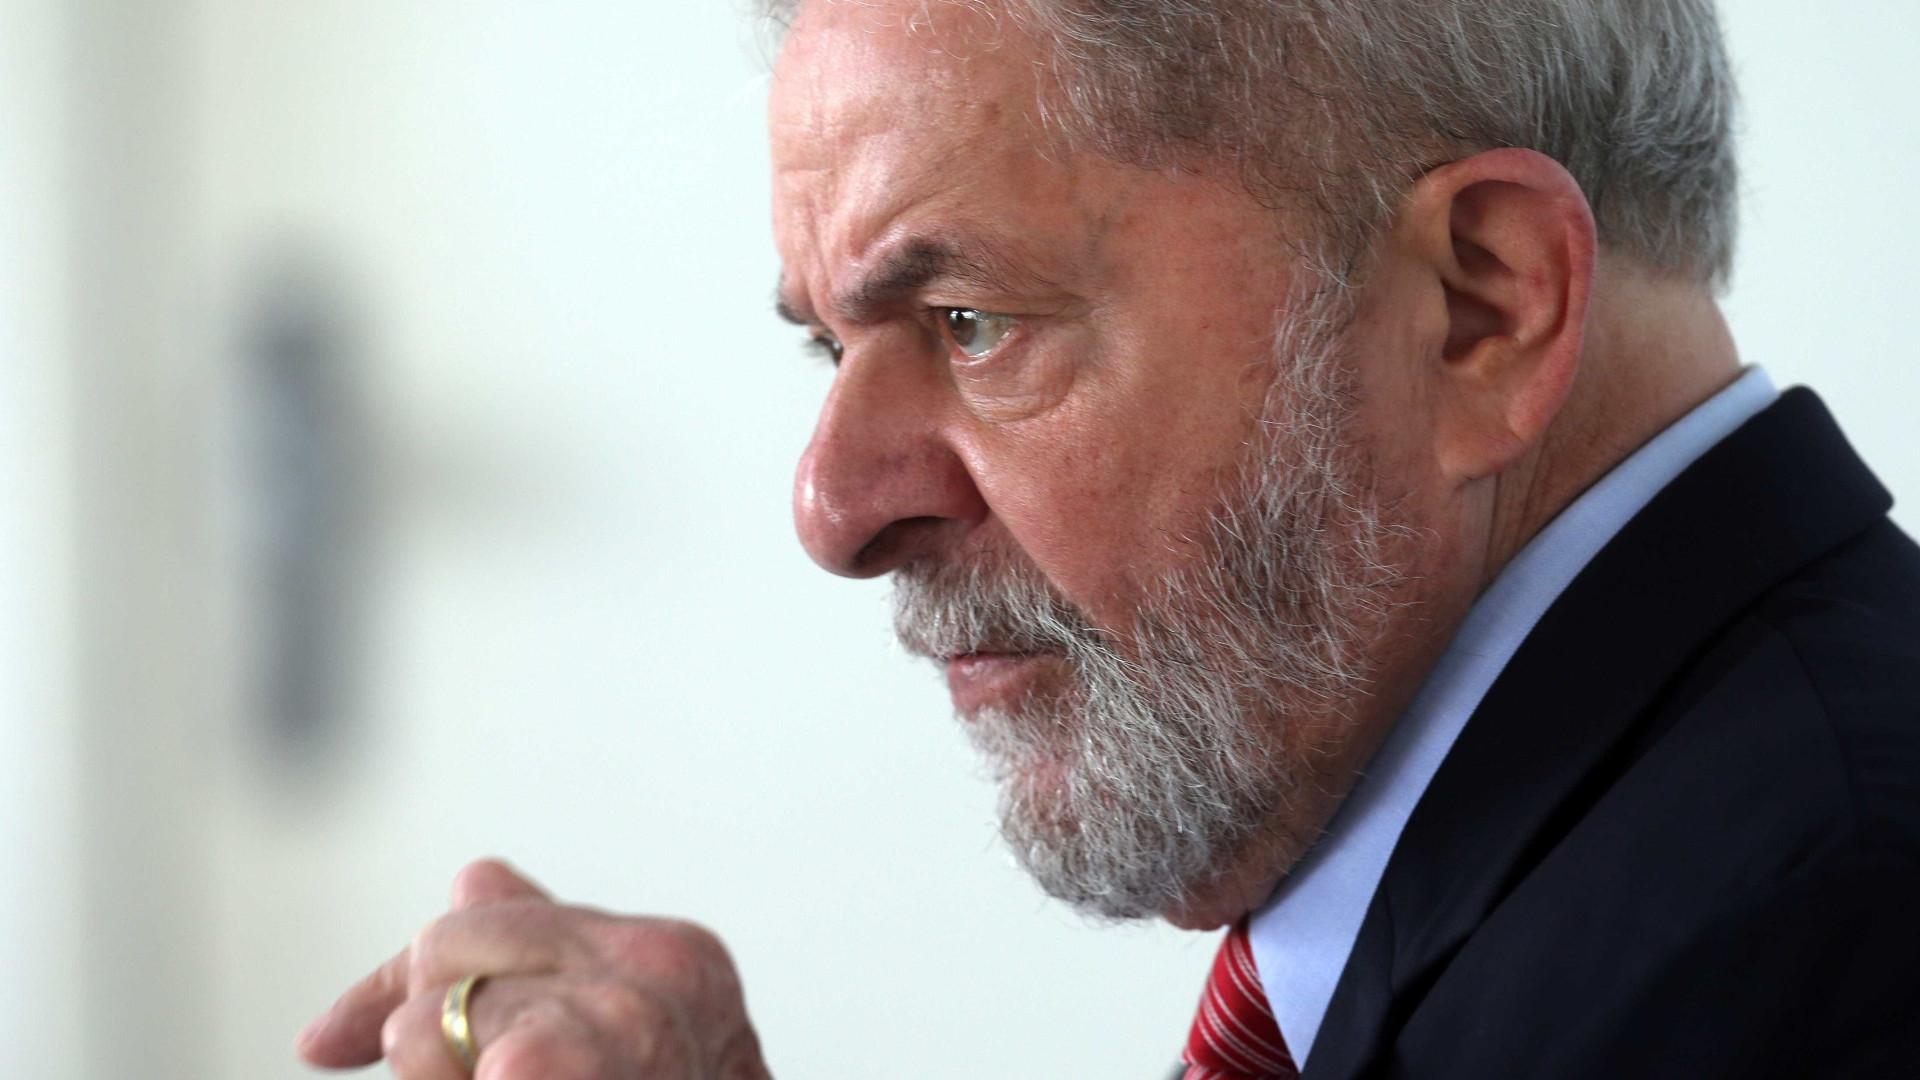 Candidatura de Lula é alvo de 16 contestações, diz TSE